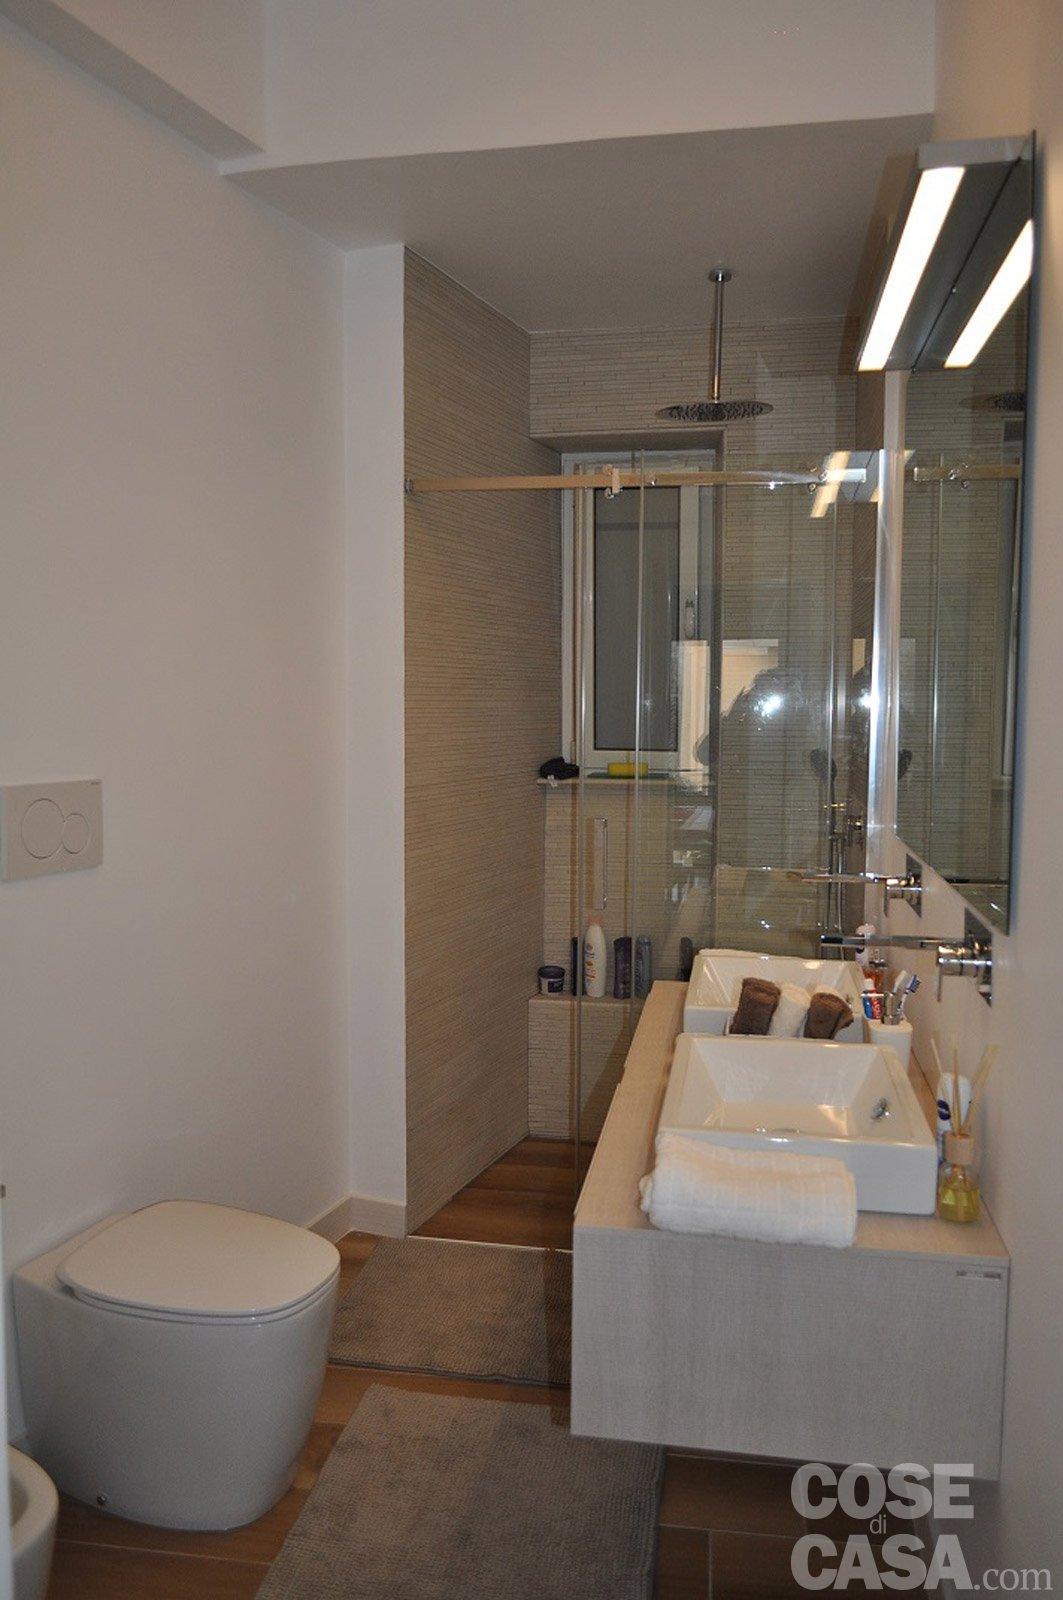 90 mq una casa da vivere in relax cose di casa for Bagno 6 mq